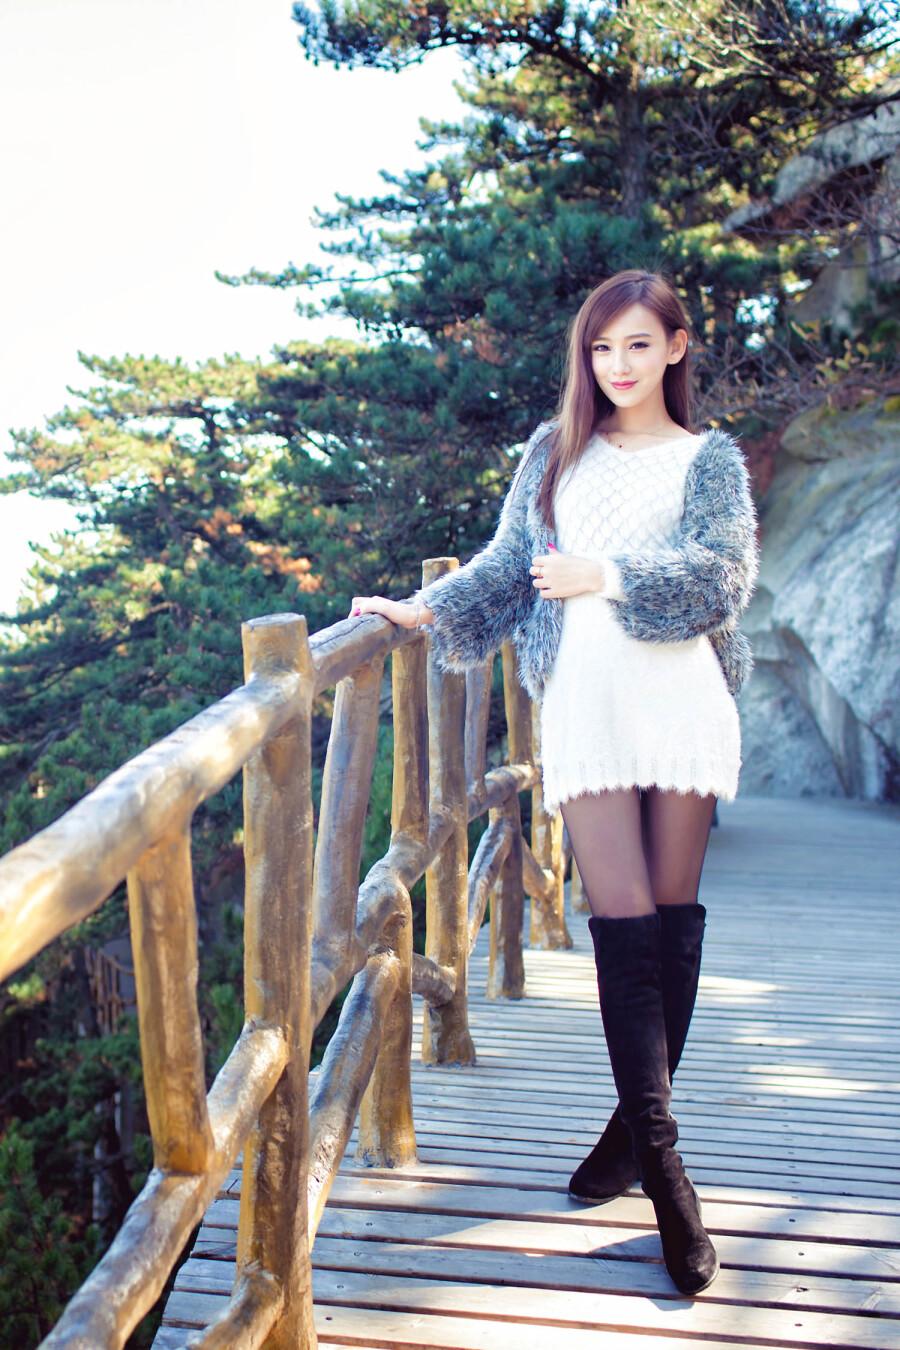 【现代时尚素材篇】女神李玉洁Daisy - 浪漫人生 - .